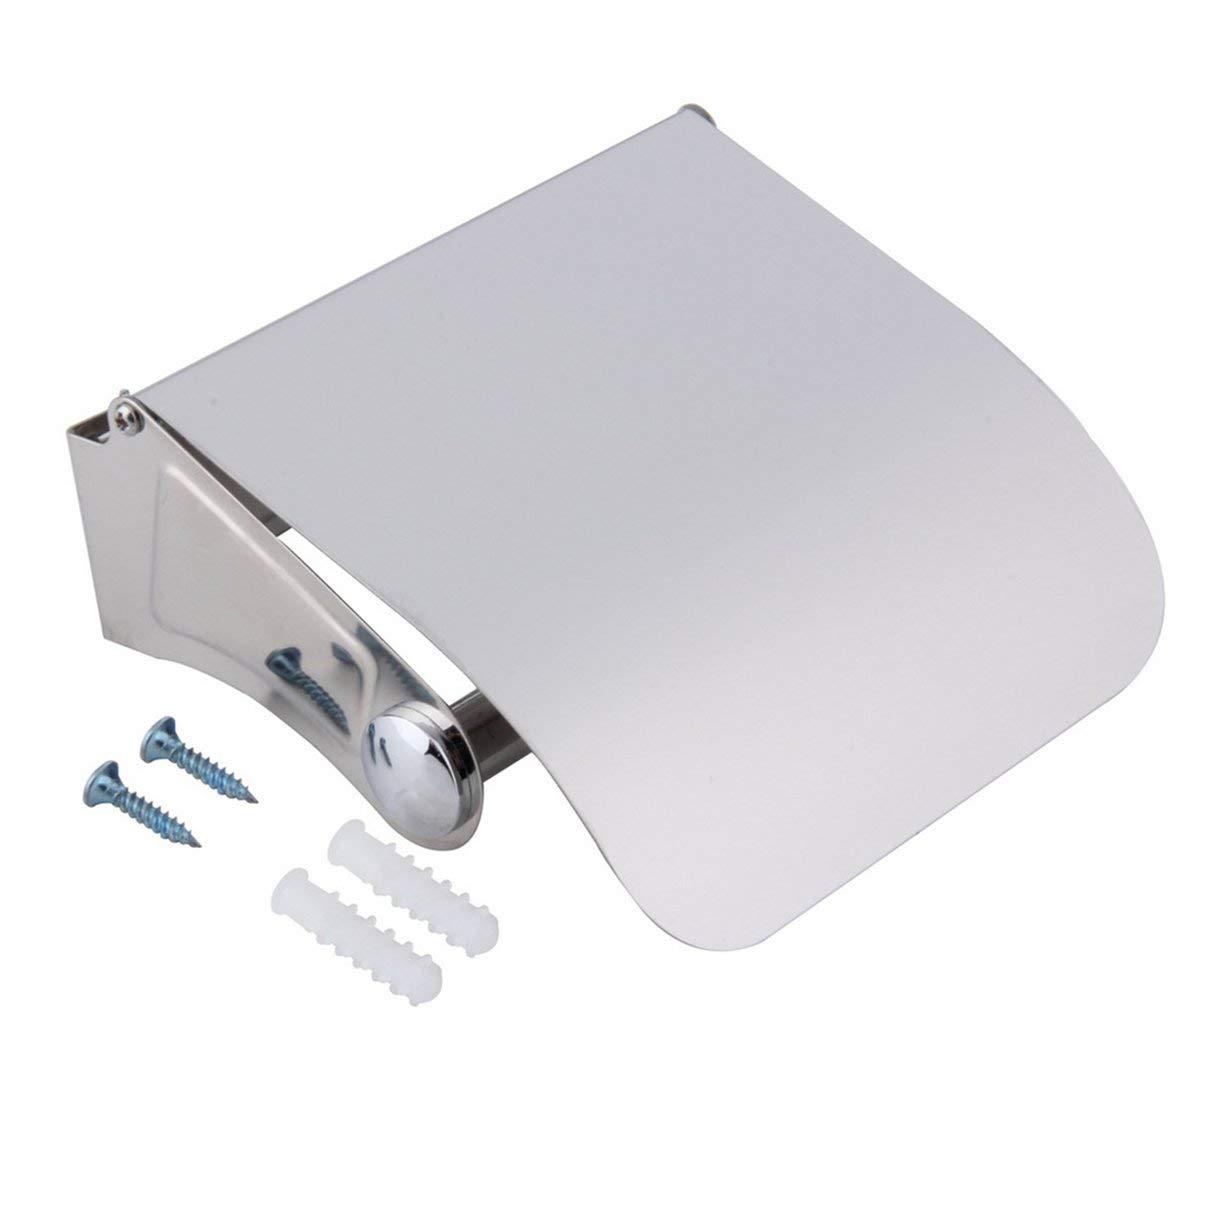 Incredibili accessori da bagno resistenti Porta rotolo di carta igienica in acciaio inox Porta carta igienica UniqueHeart